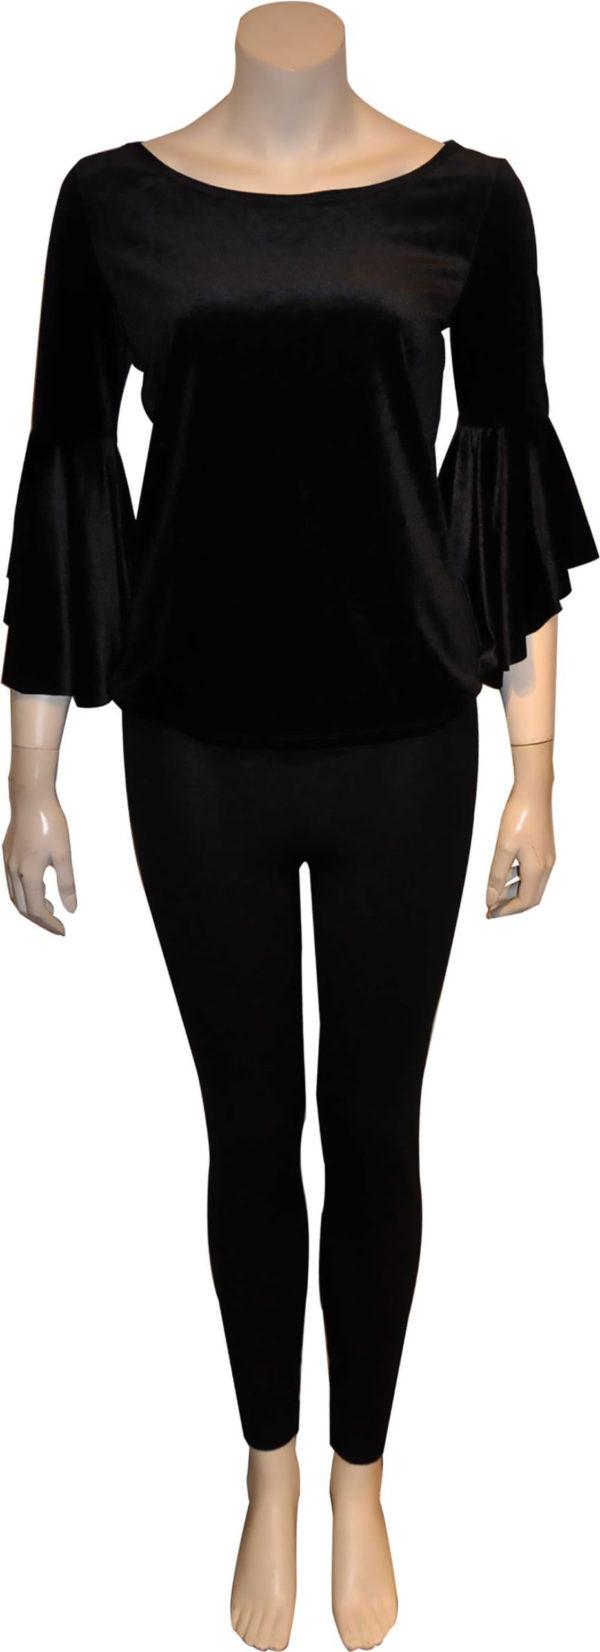 black velvet bell sleeve boat neck top- front